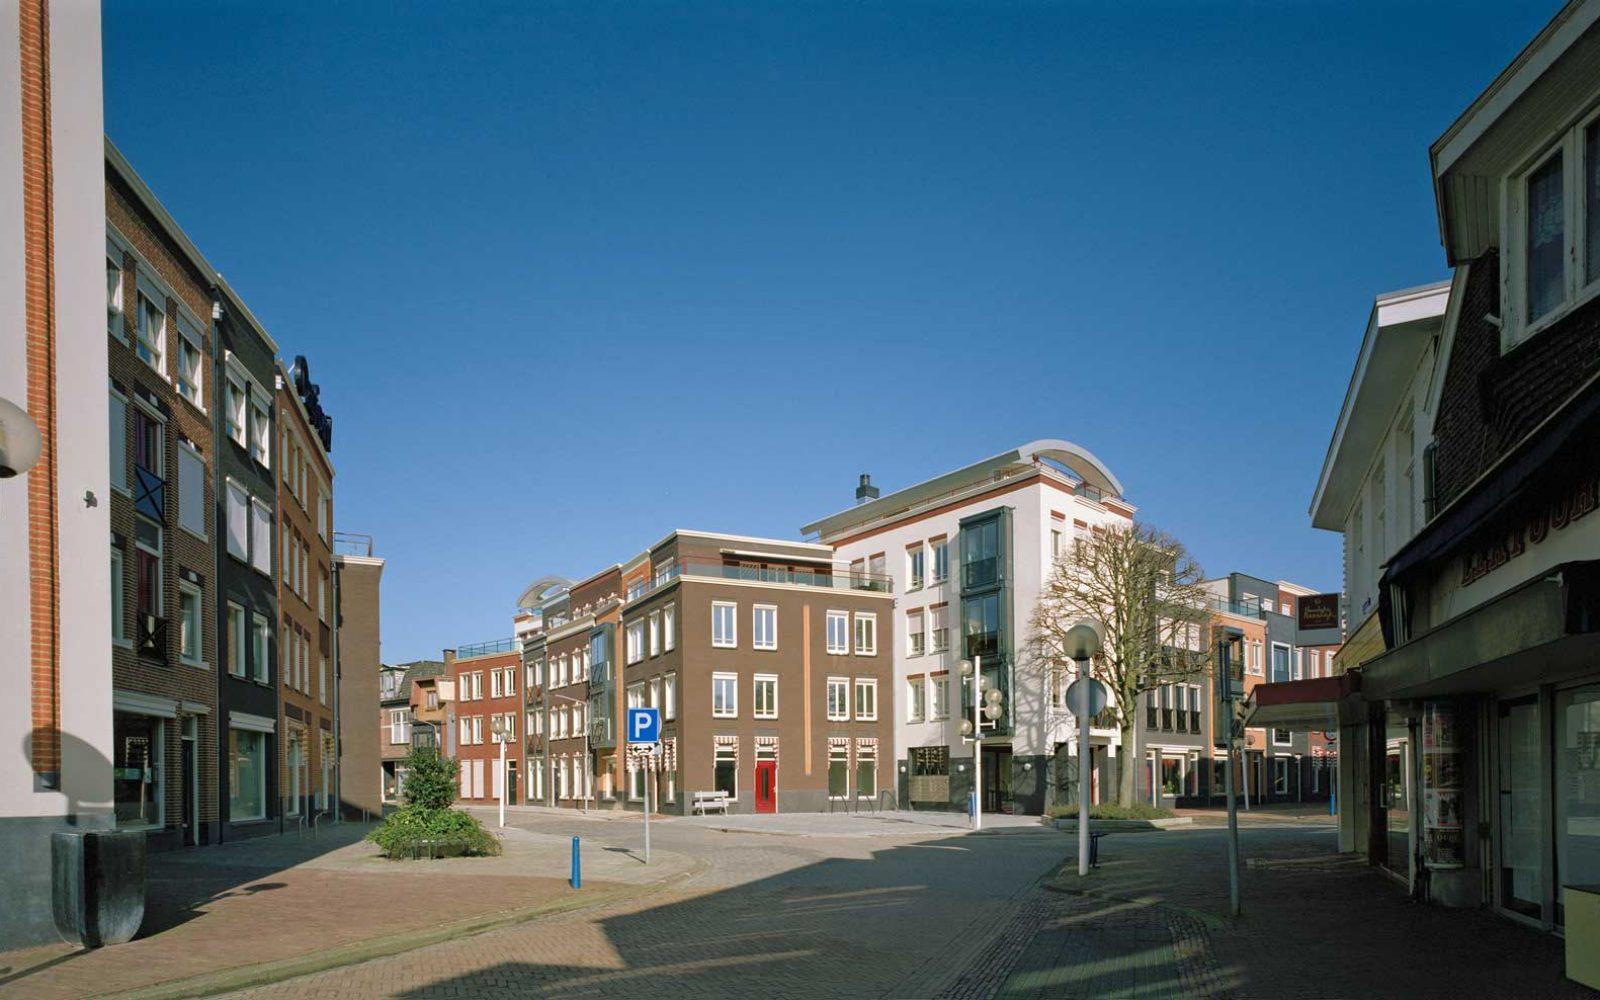 """""""Toonaangevend voor de huidige binnenstadsontwikkeling in Almelo. Met oog voor historie en de betekenis van de plek."""""""